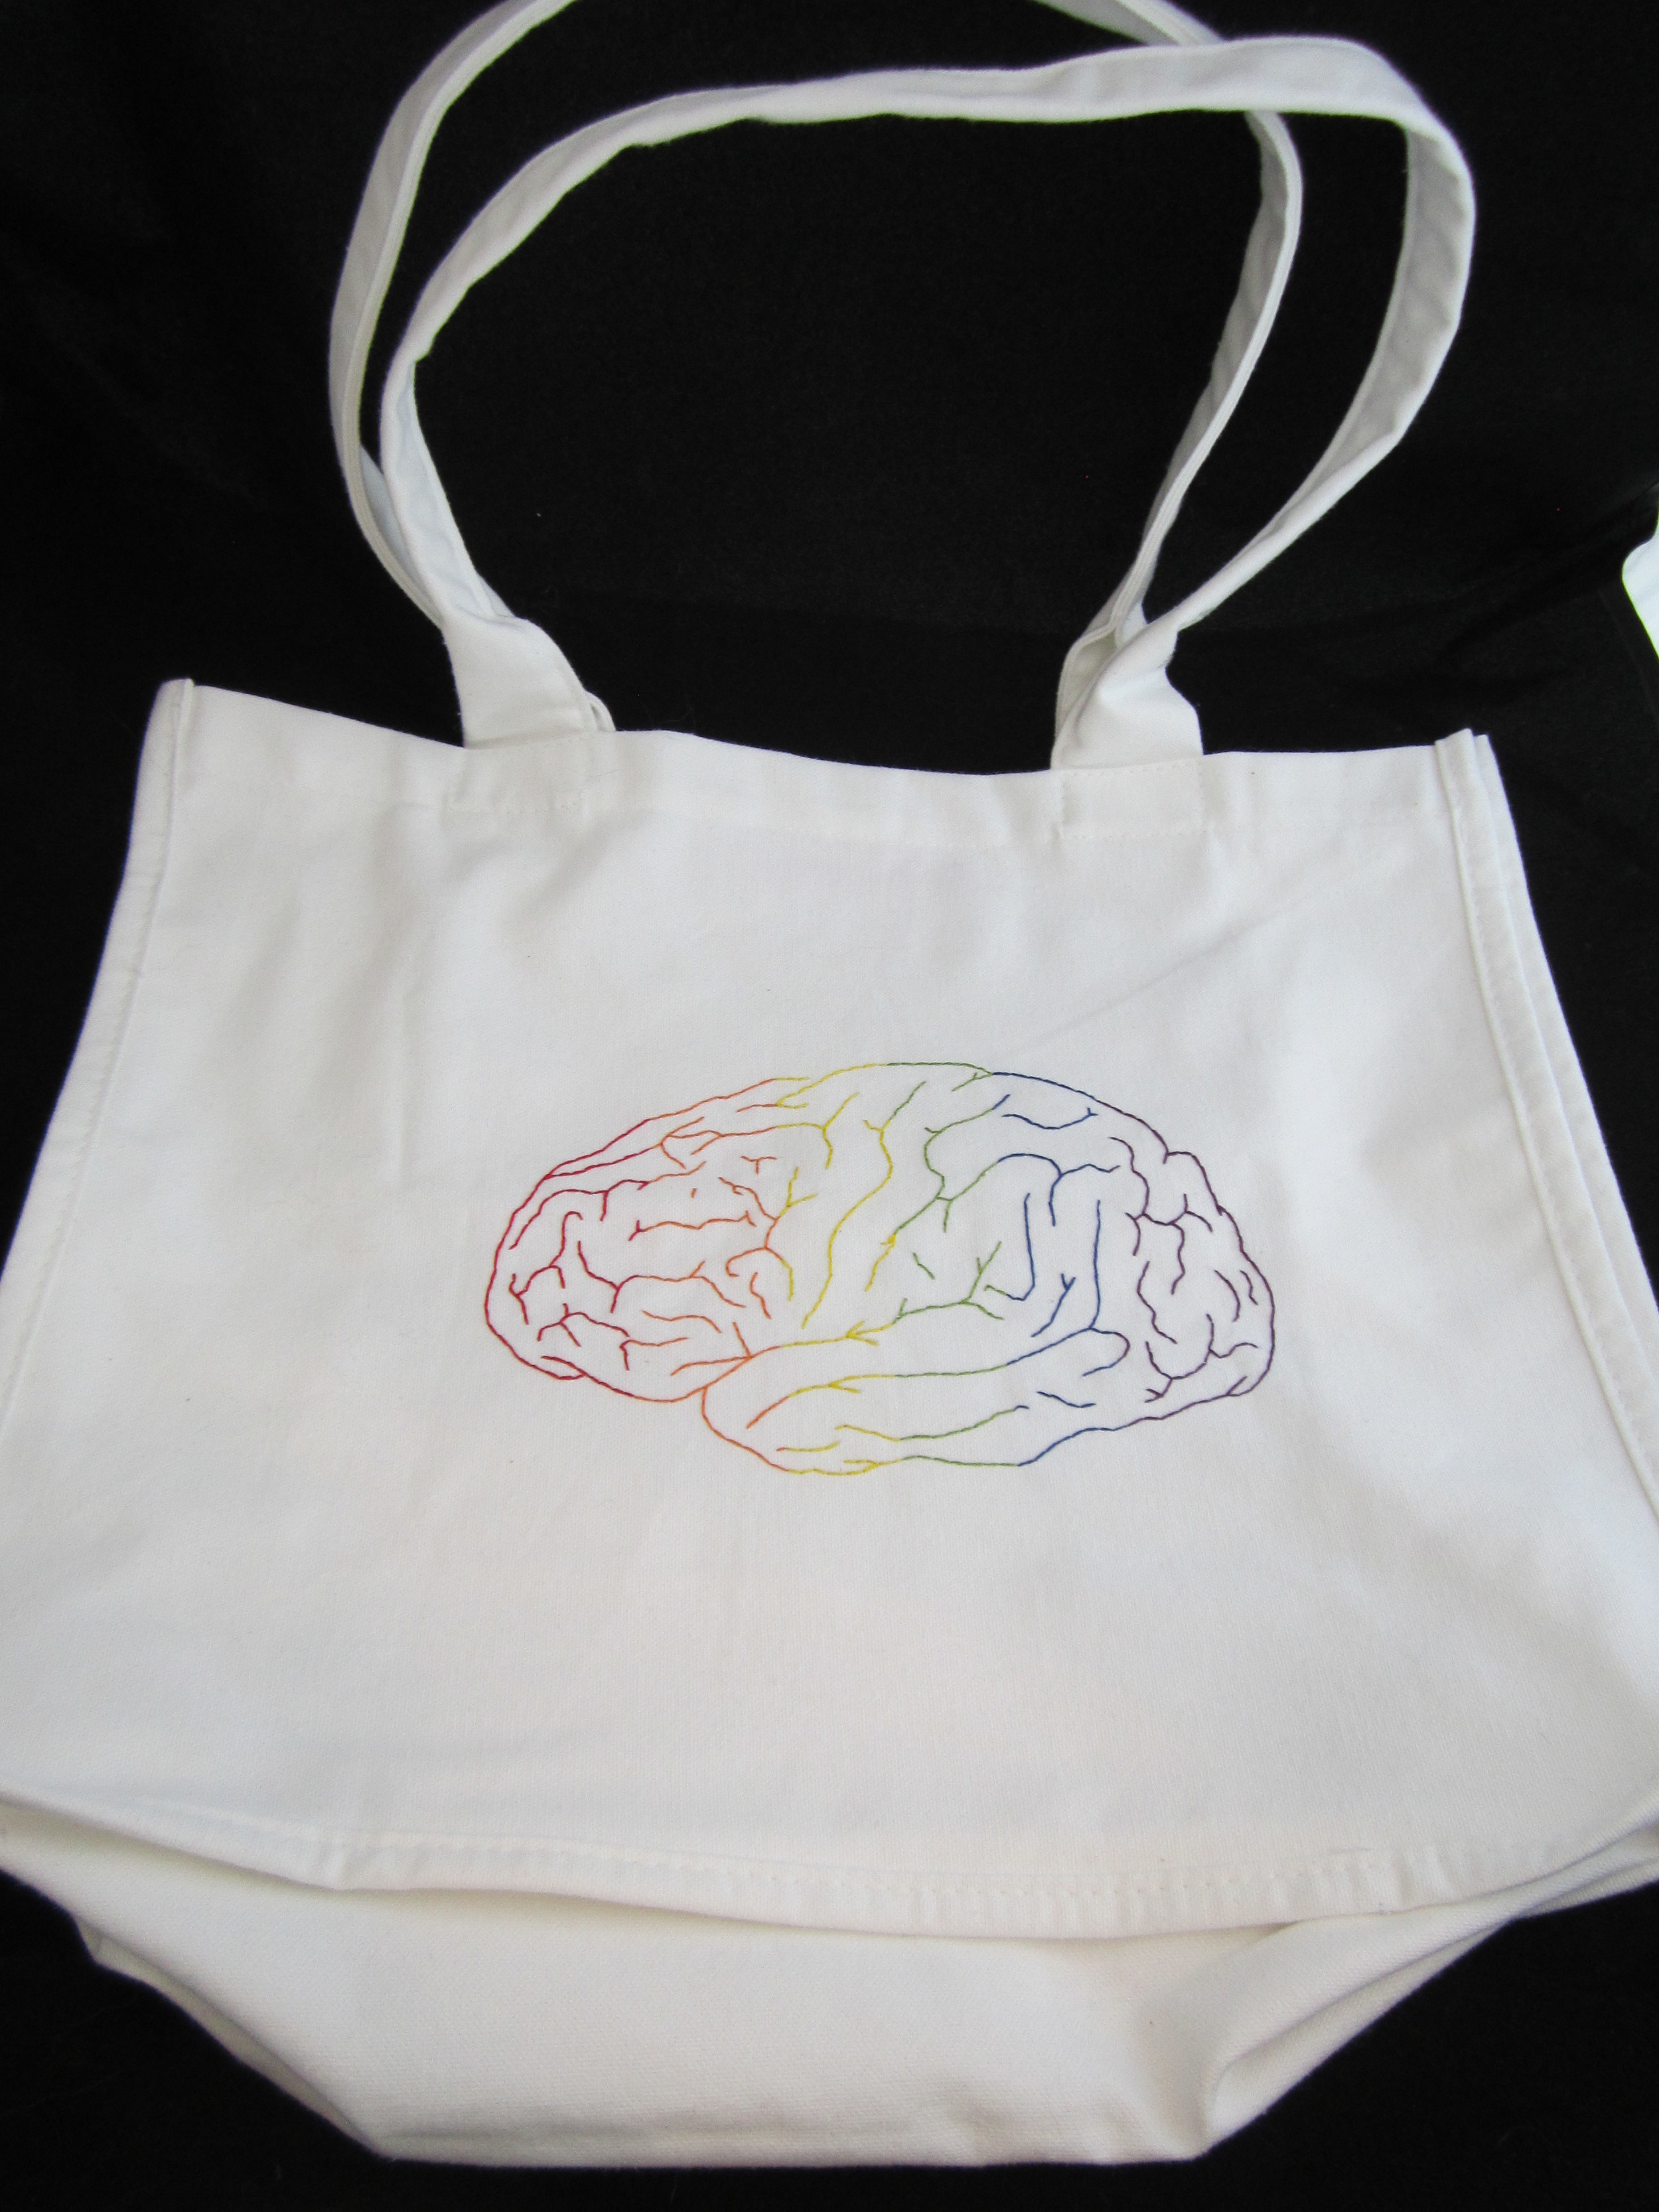 Brainbow Tote Bag 1.JPG